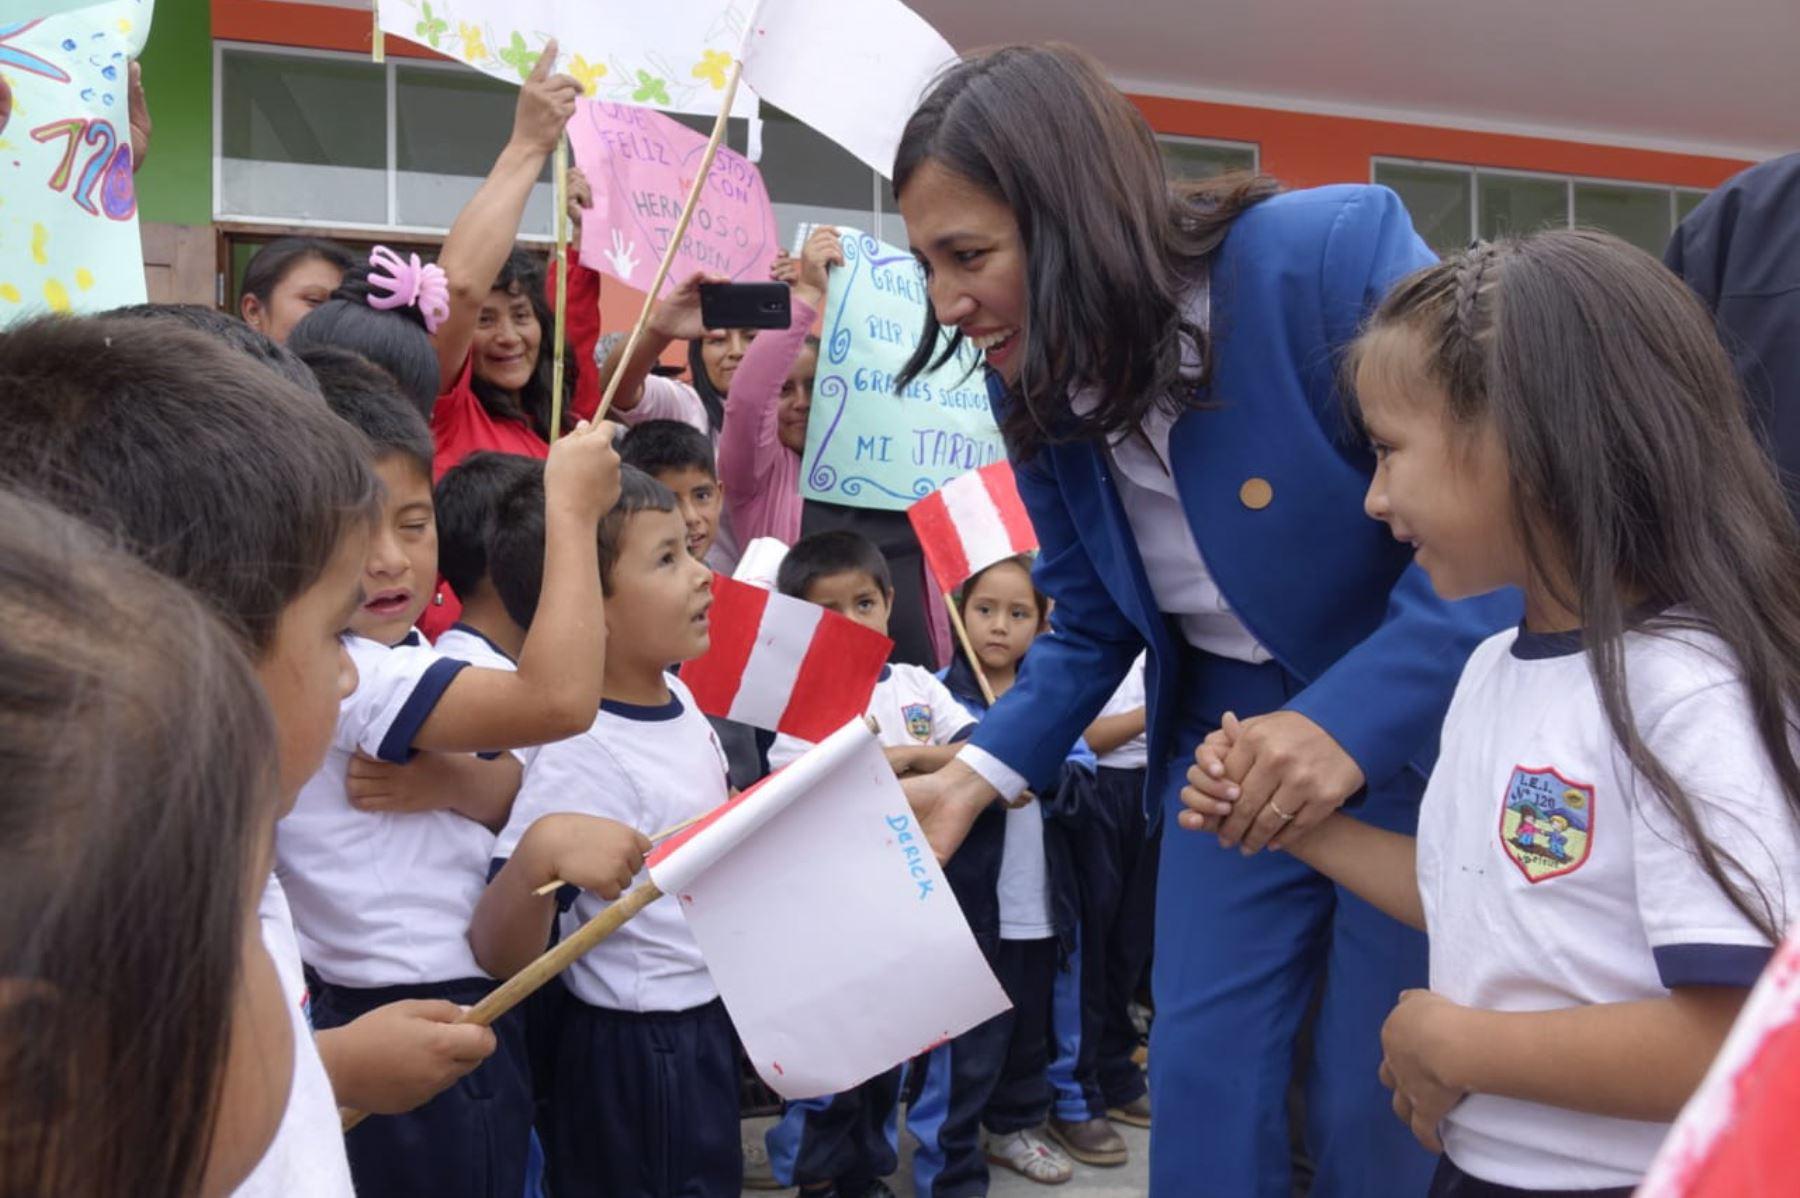 La titular del Minedu, Flor Pablo Medina, inauguró una moderna escuela en Amazonas, que demandó una inversión superior a los S/ 2.5 millones.